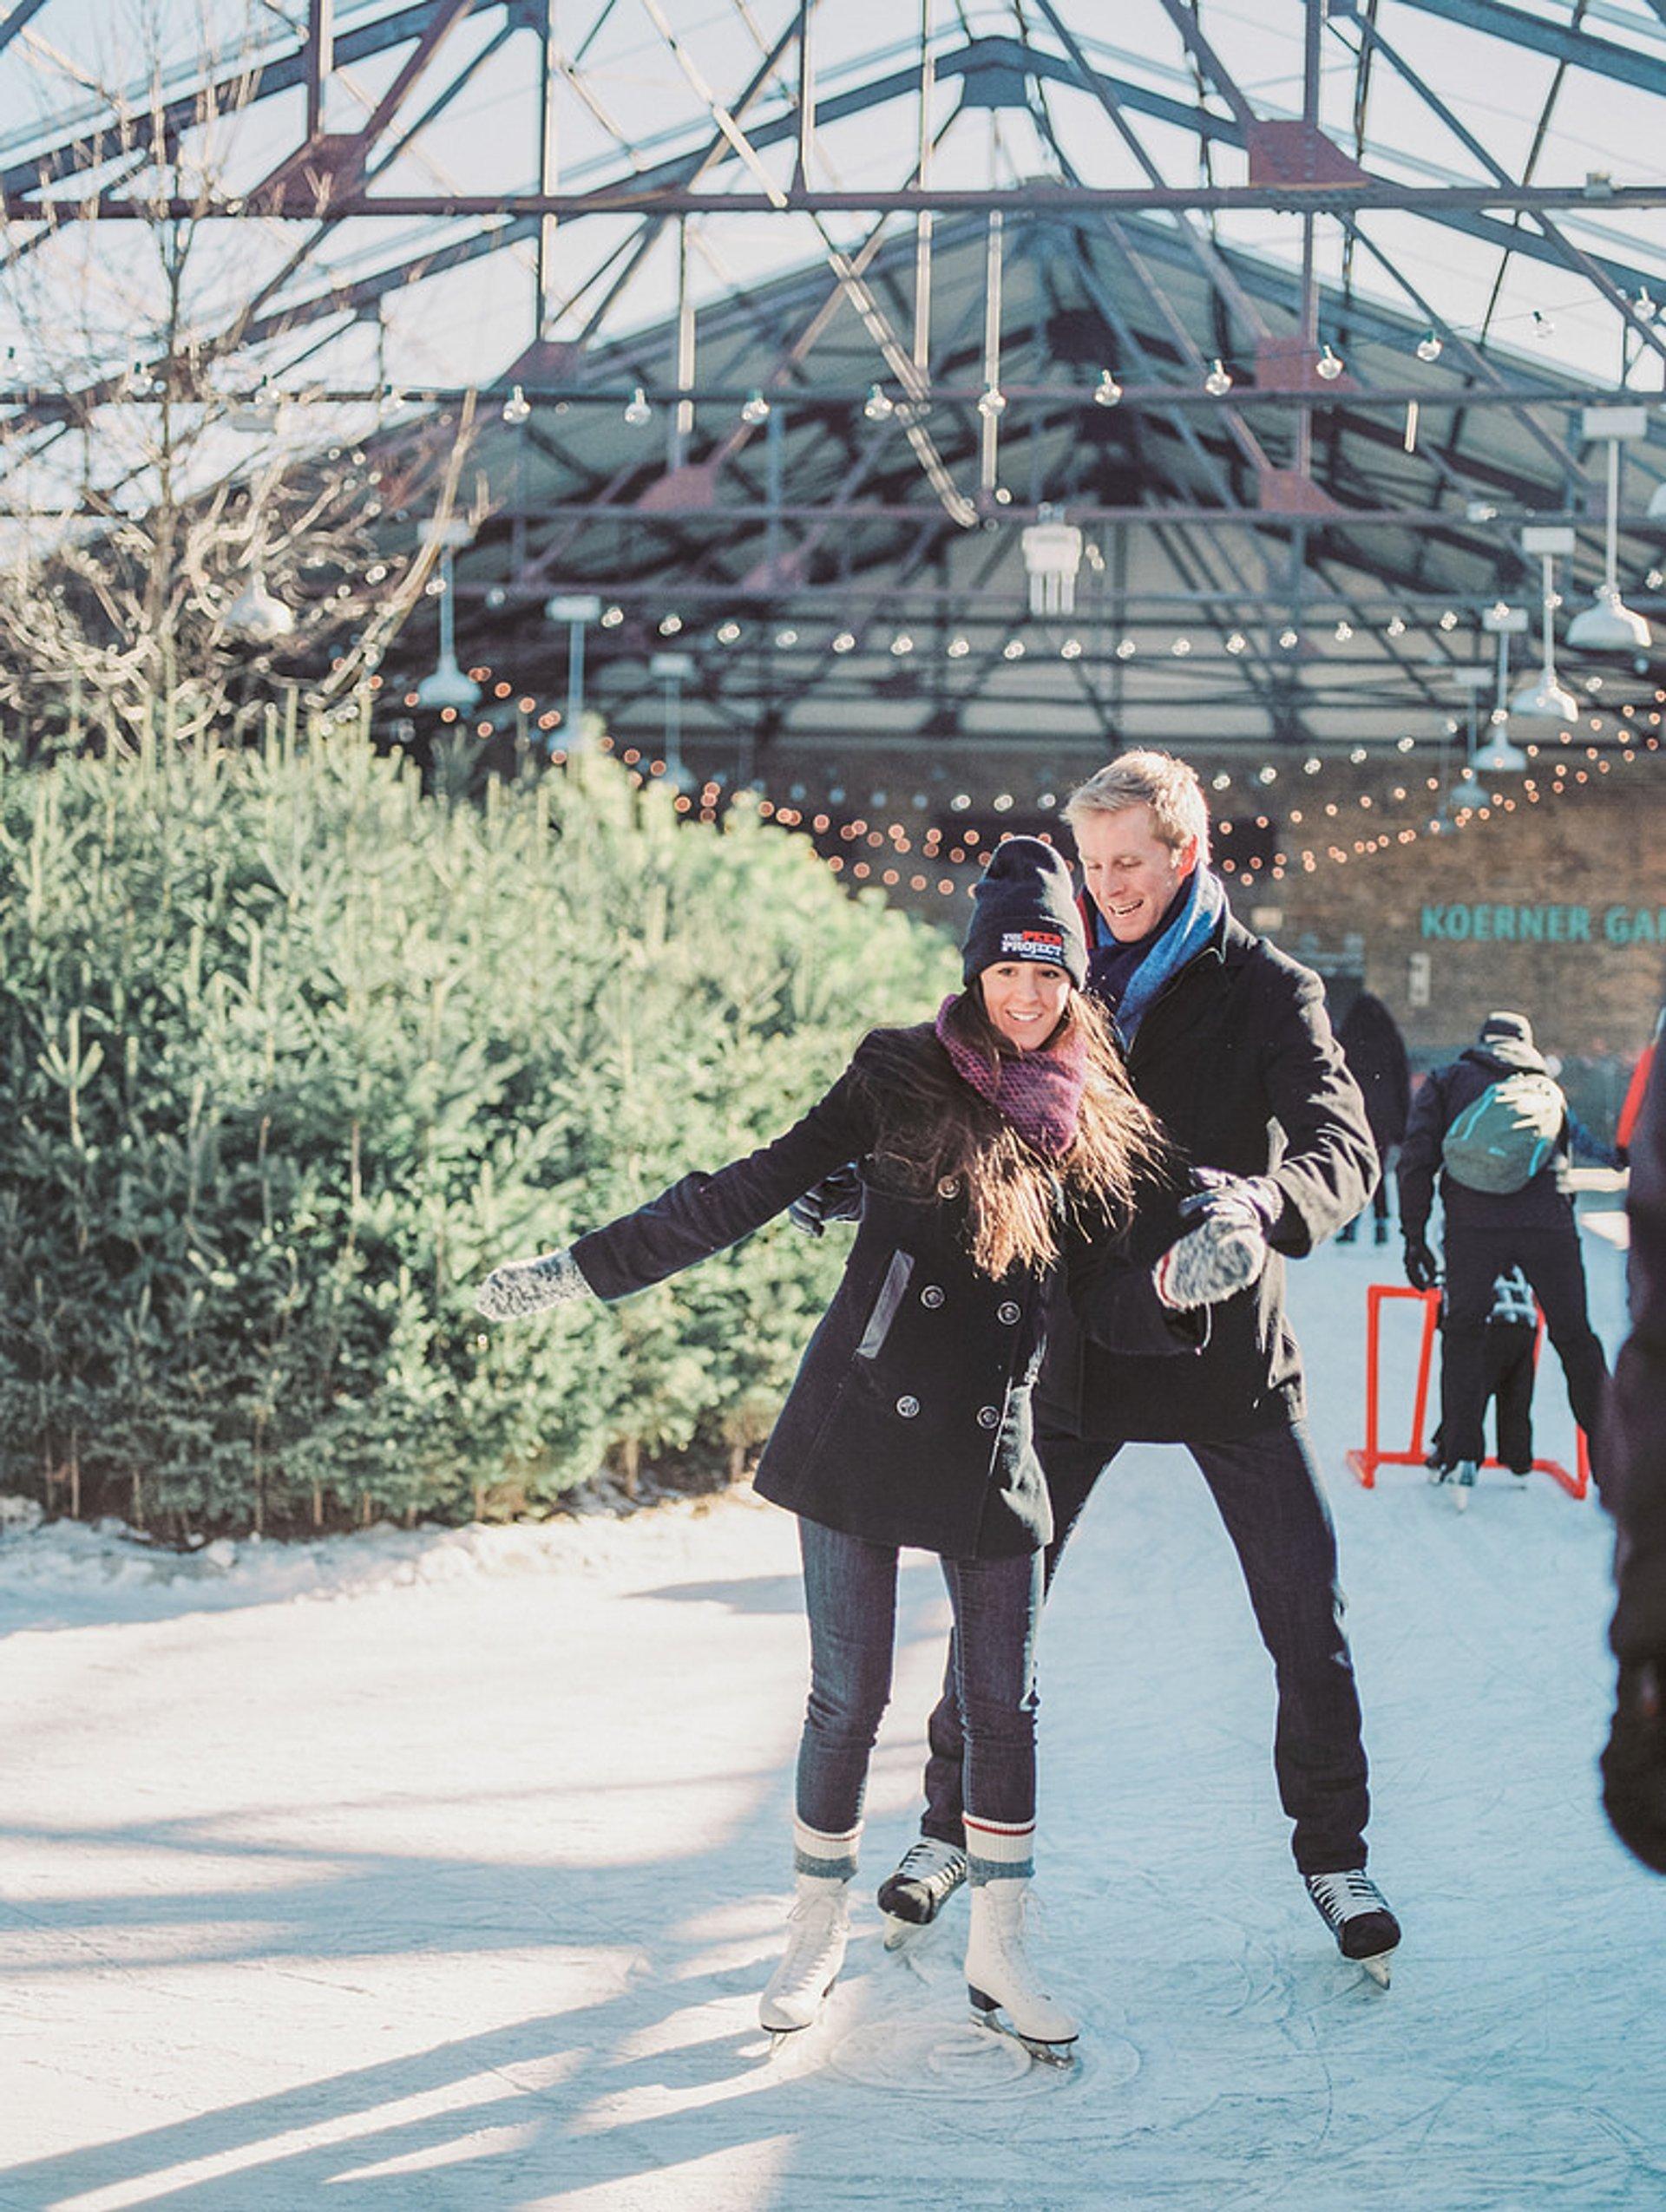 Evergreen Winter Village in Toronto - Best Time